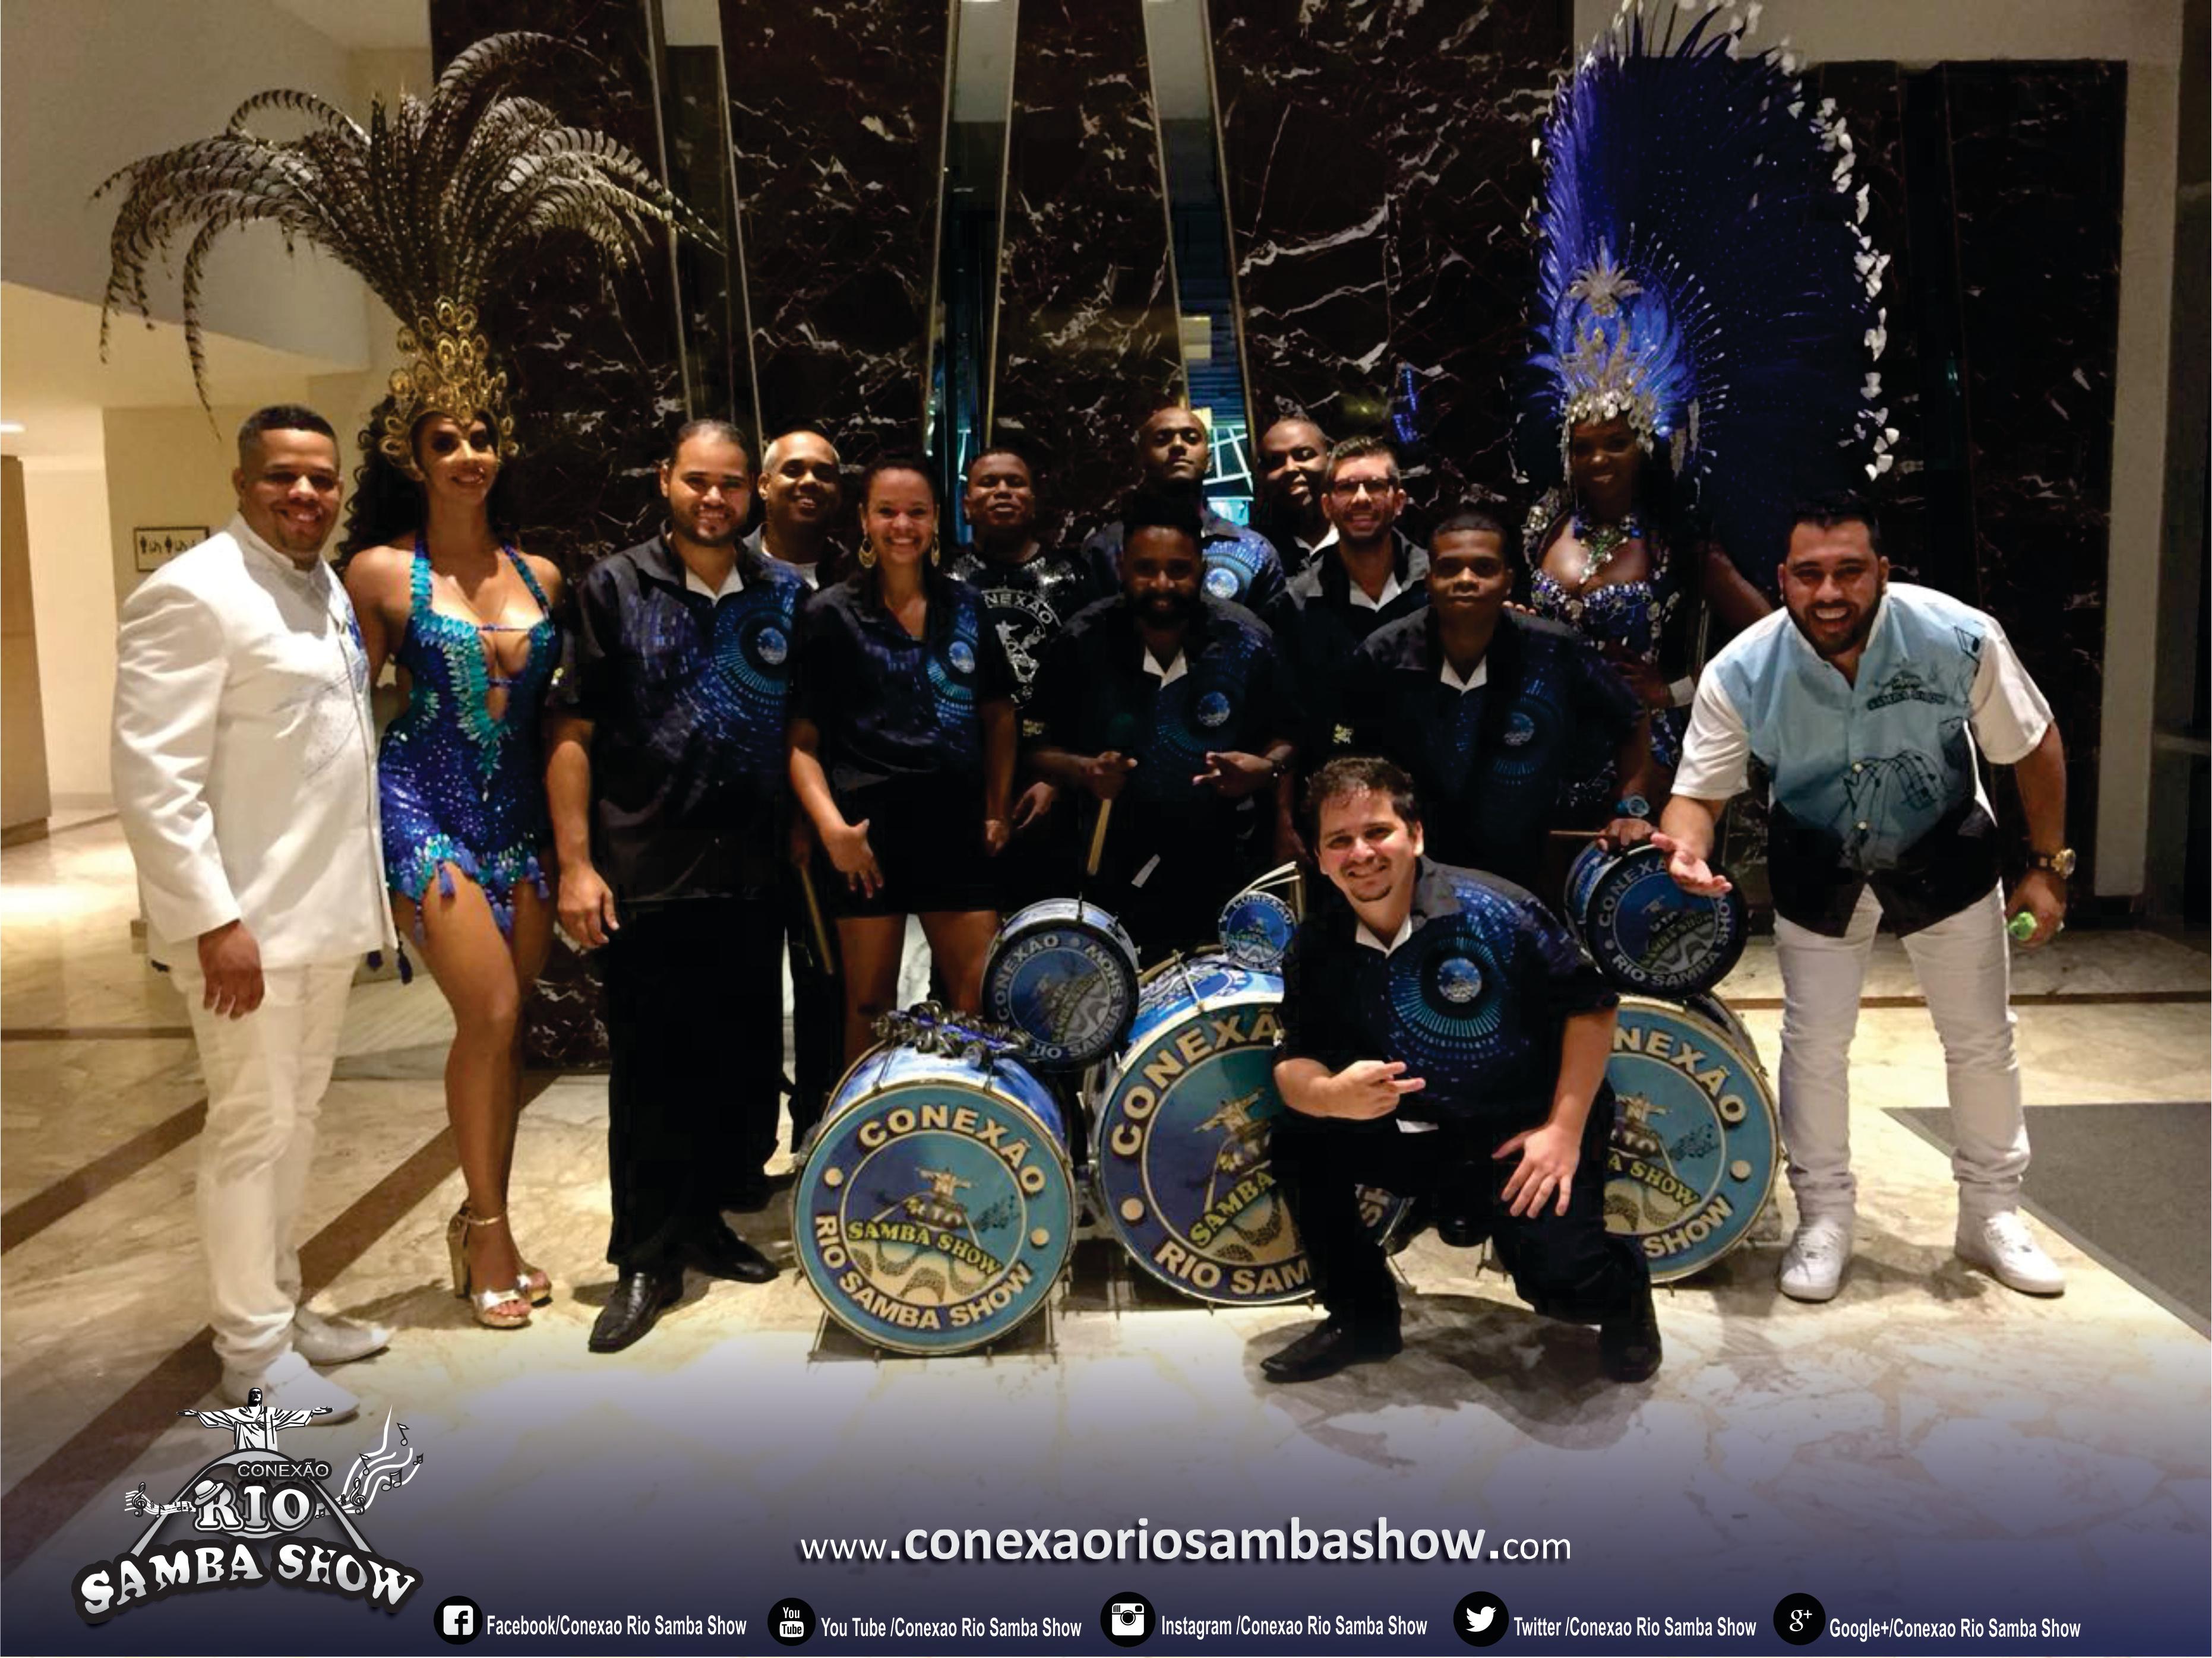 Grupo de samba show